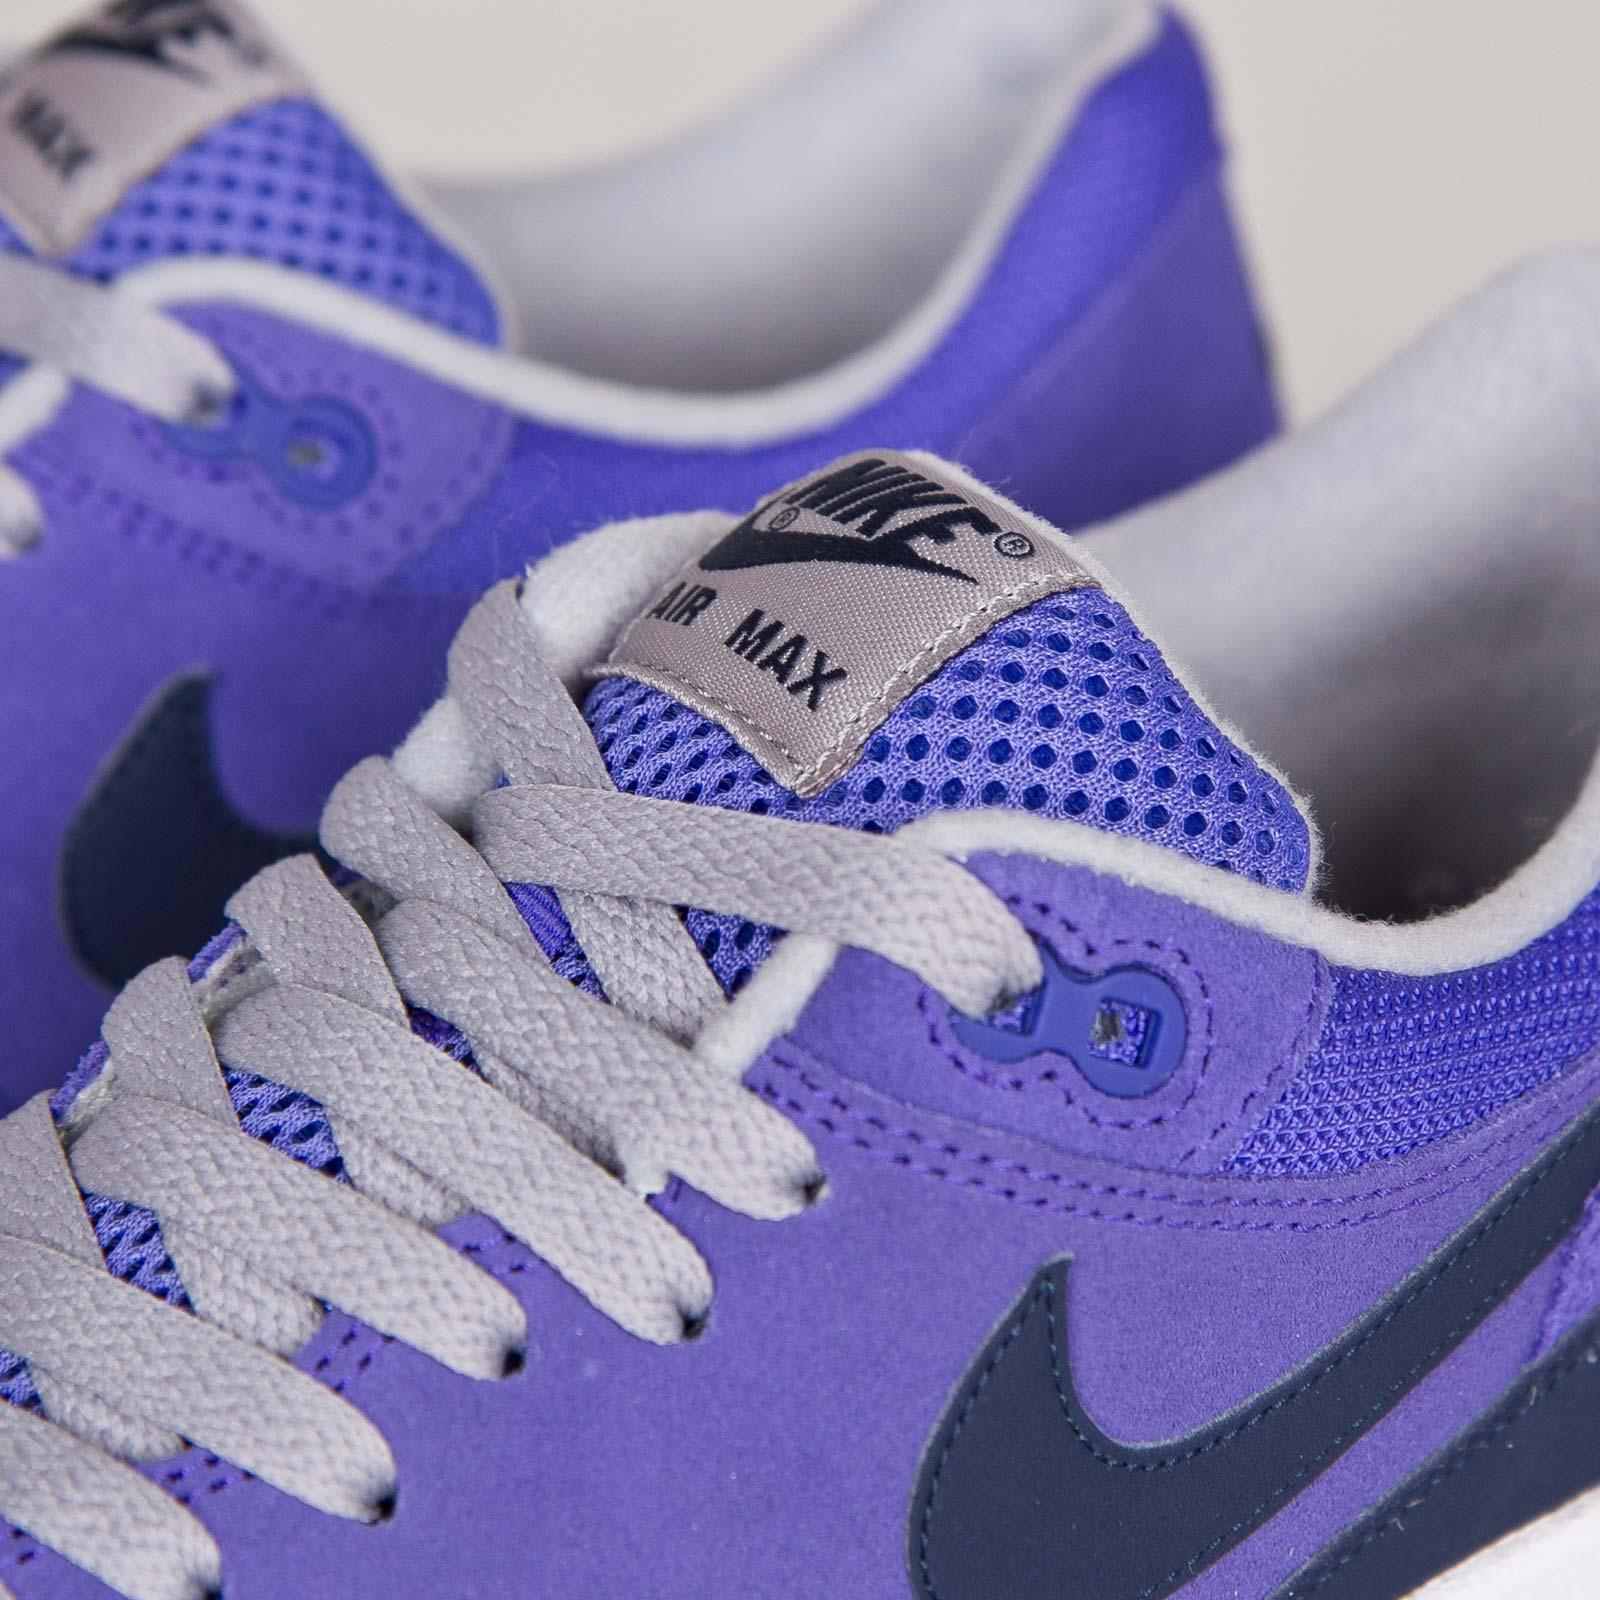 Patta x Nike Air Max 1 Premium Tier Zero Purple Denim